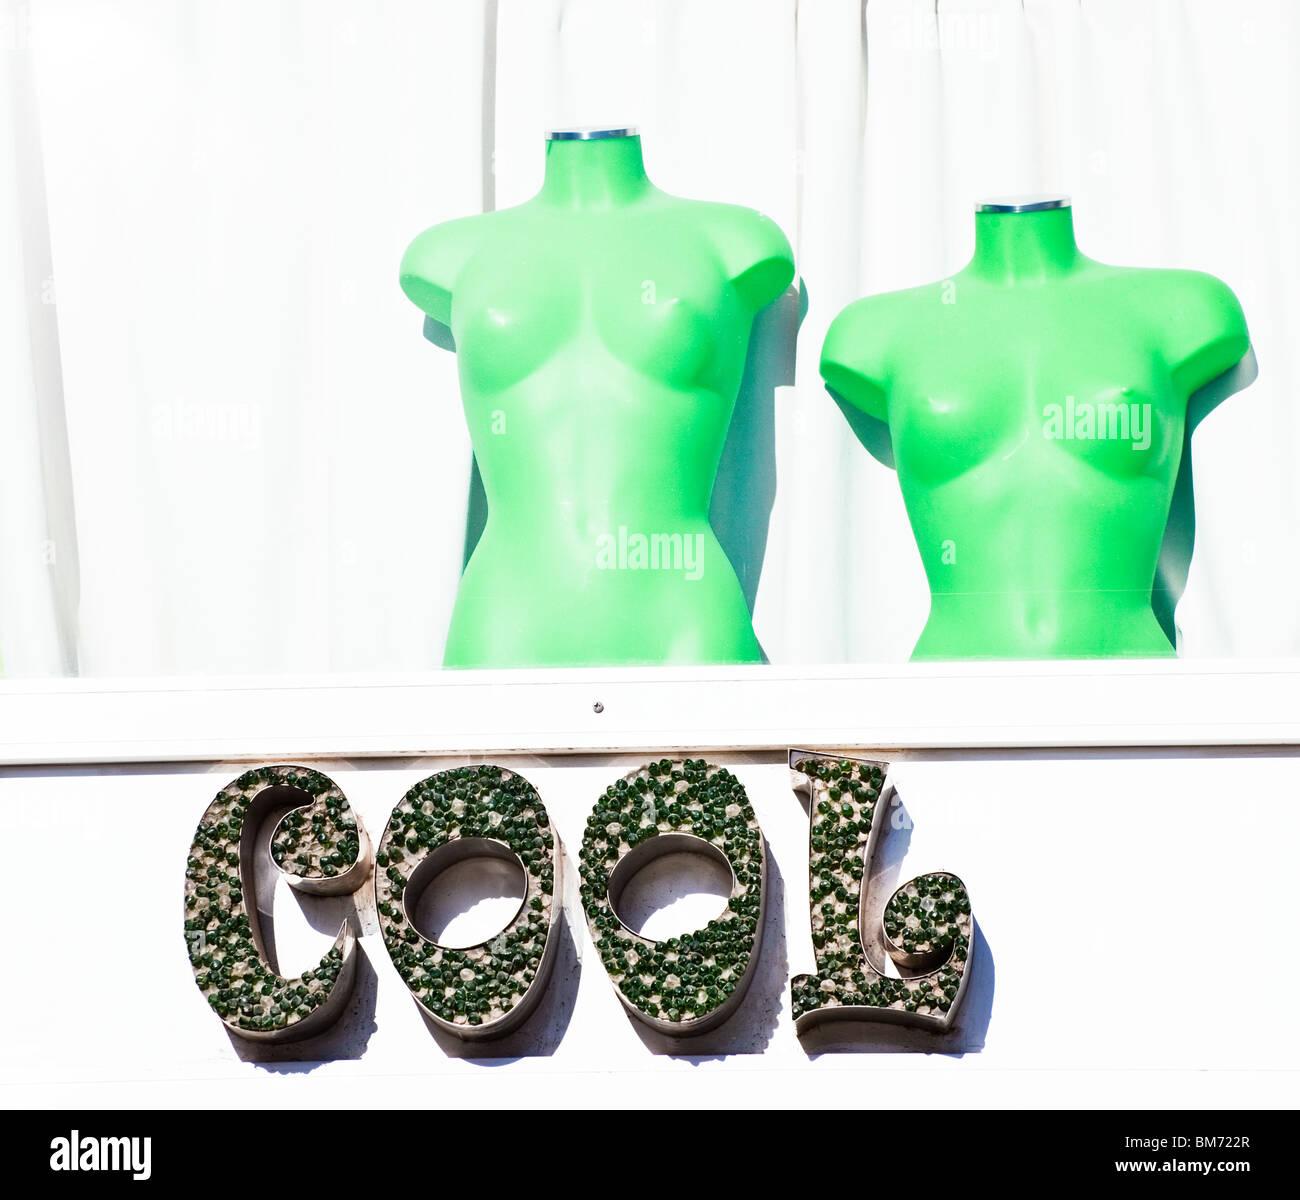 Malaga, la province de Malaga, Costa del Sol, Espagne. Boutique de vêtements Cool avec mannequins vert. Photo Stock